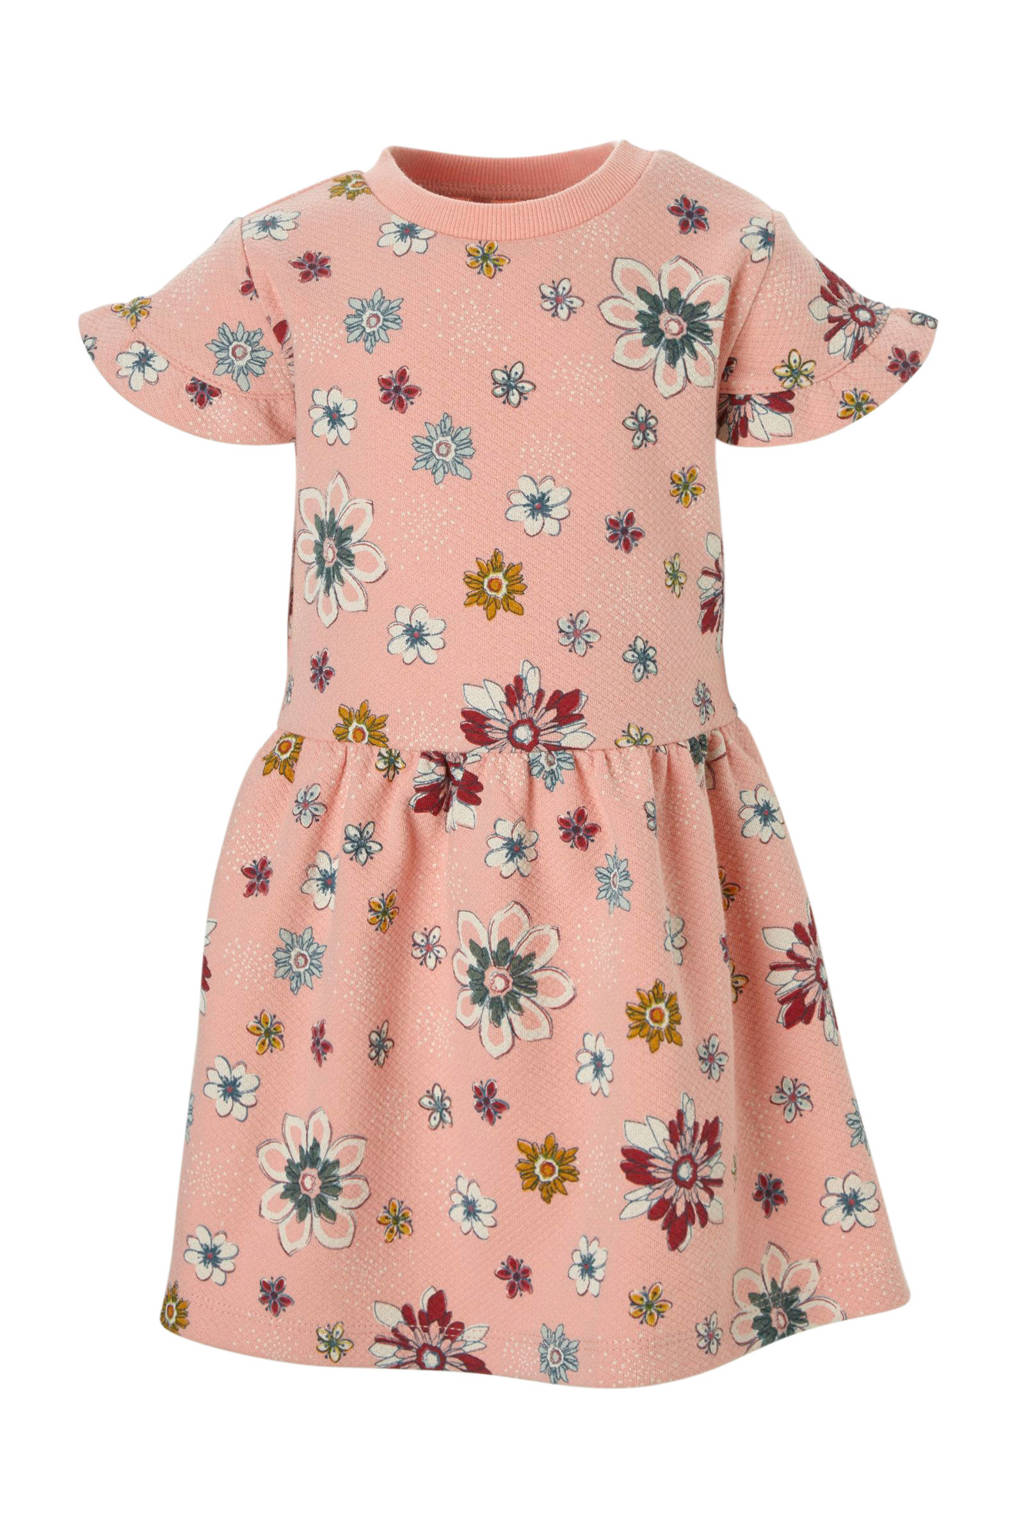 Small Rags jurk met bloemenprint, Koraalrood